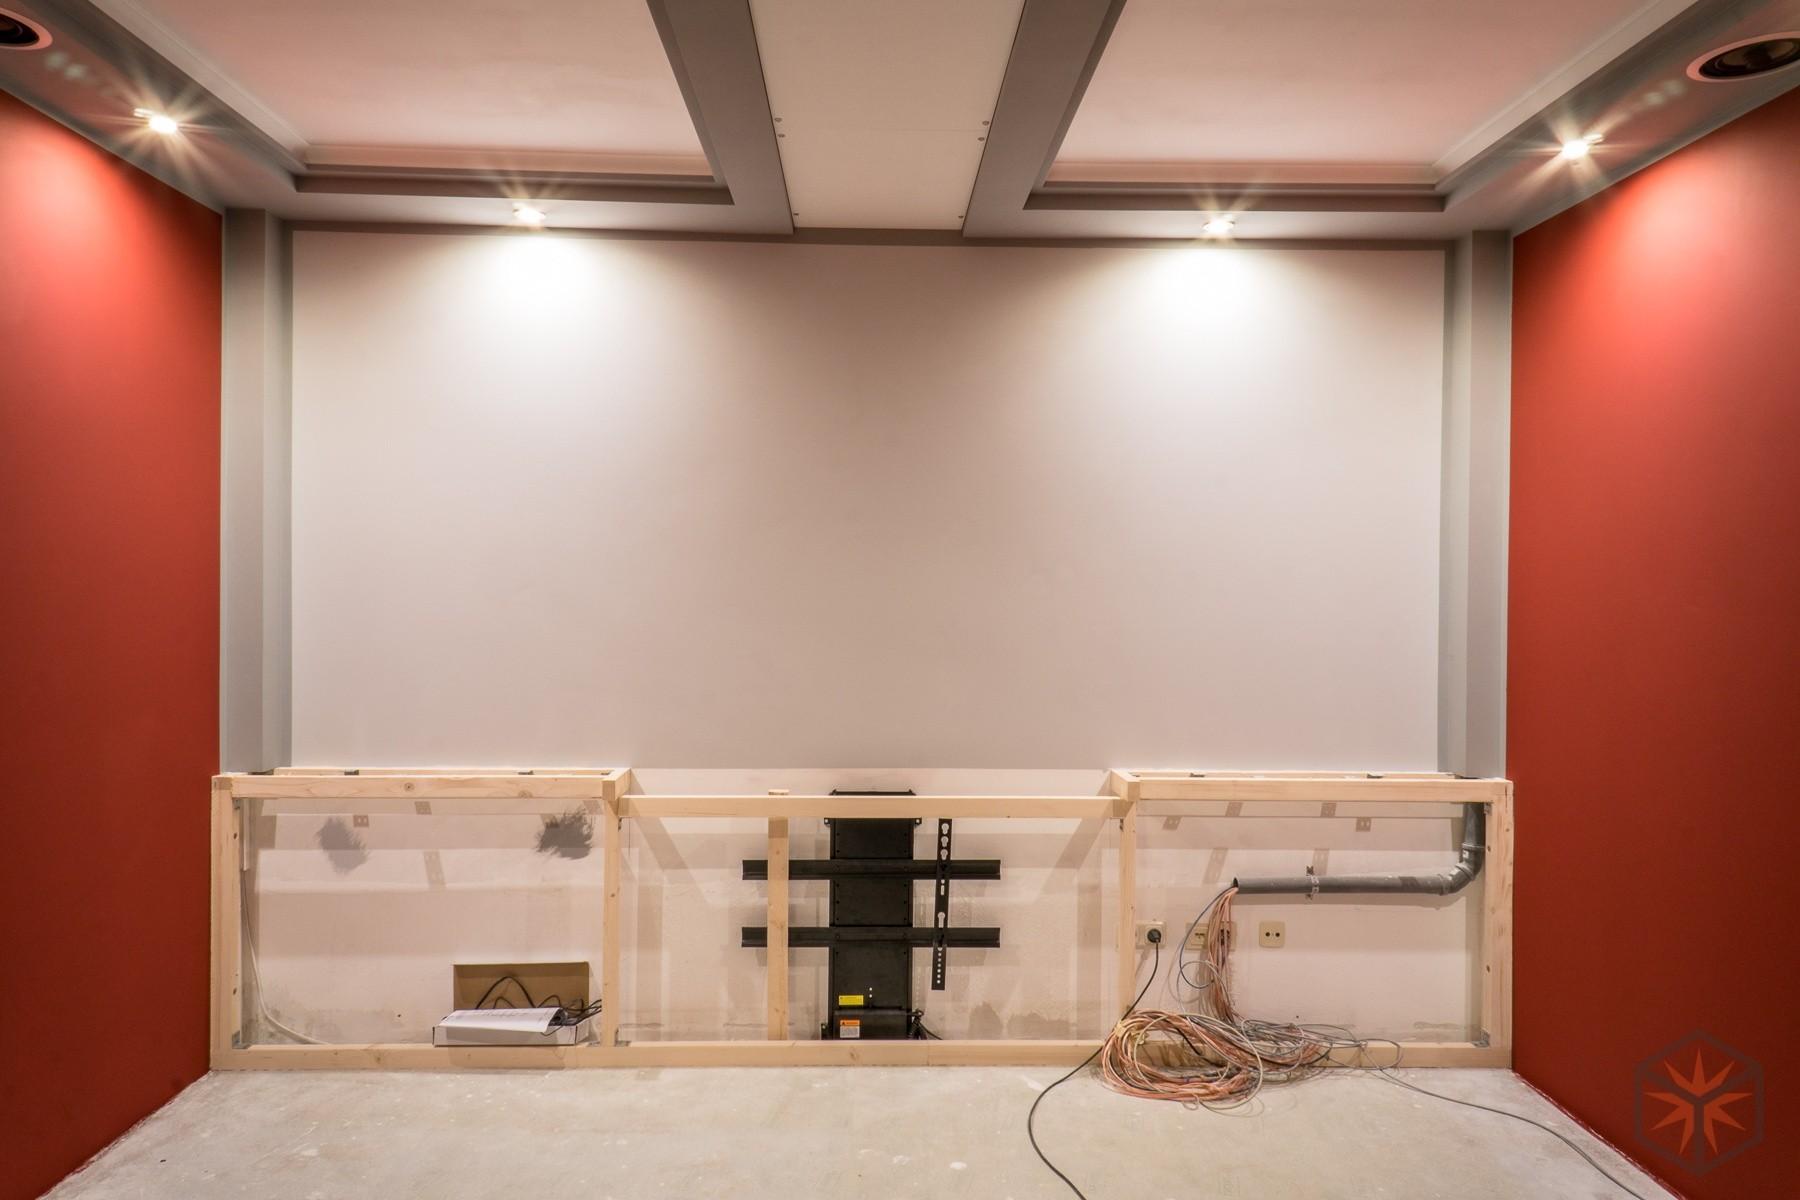 Malerarbeiten und TV-Lift im Pyrodice-Heimkino